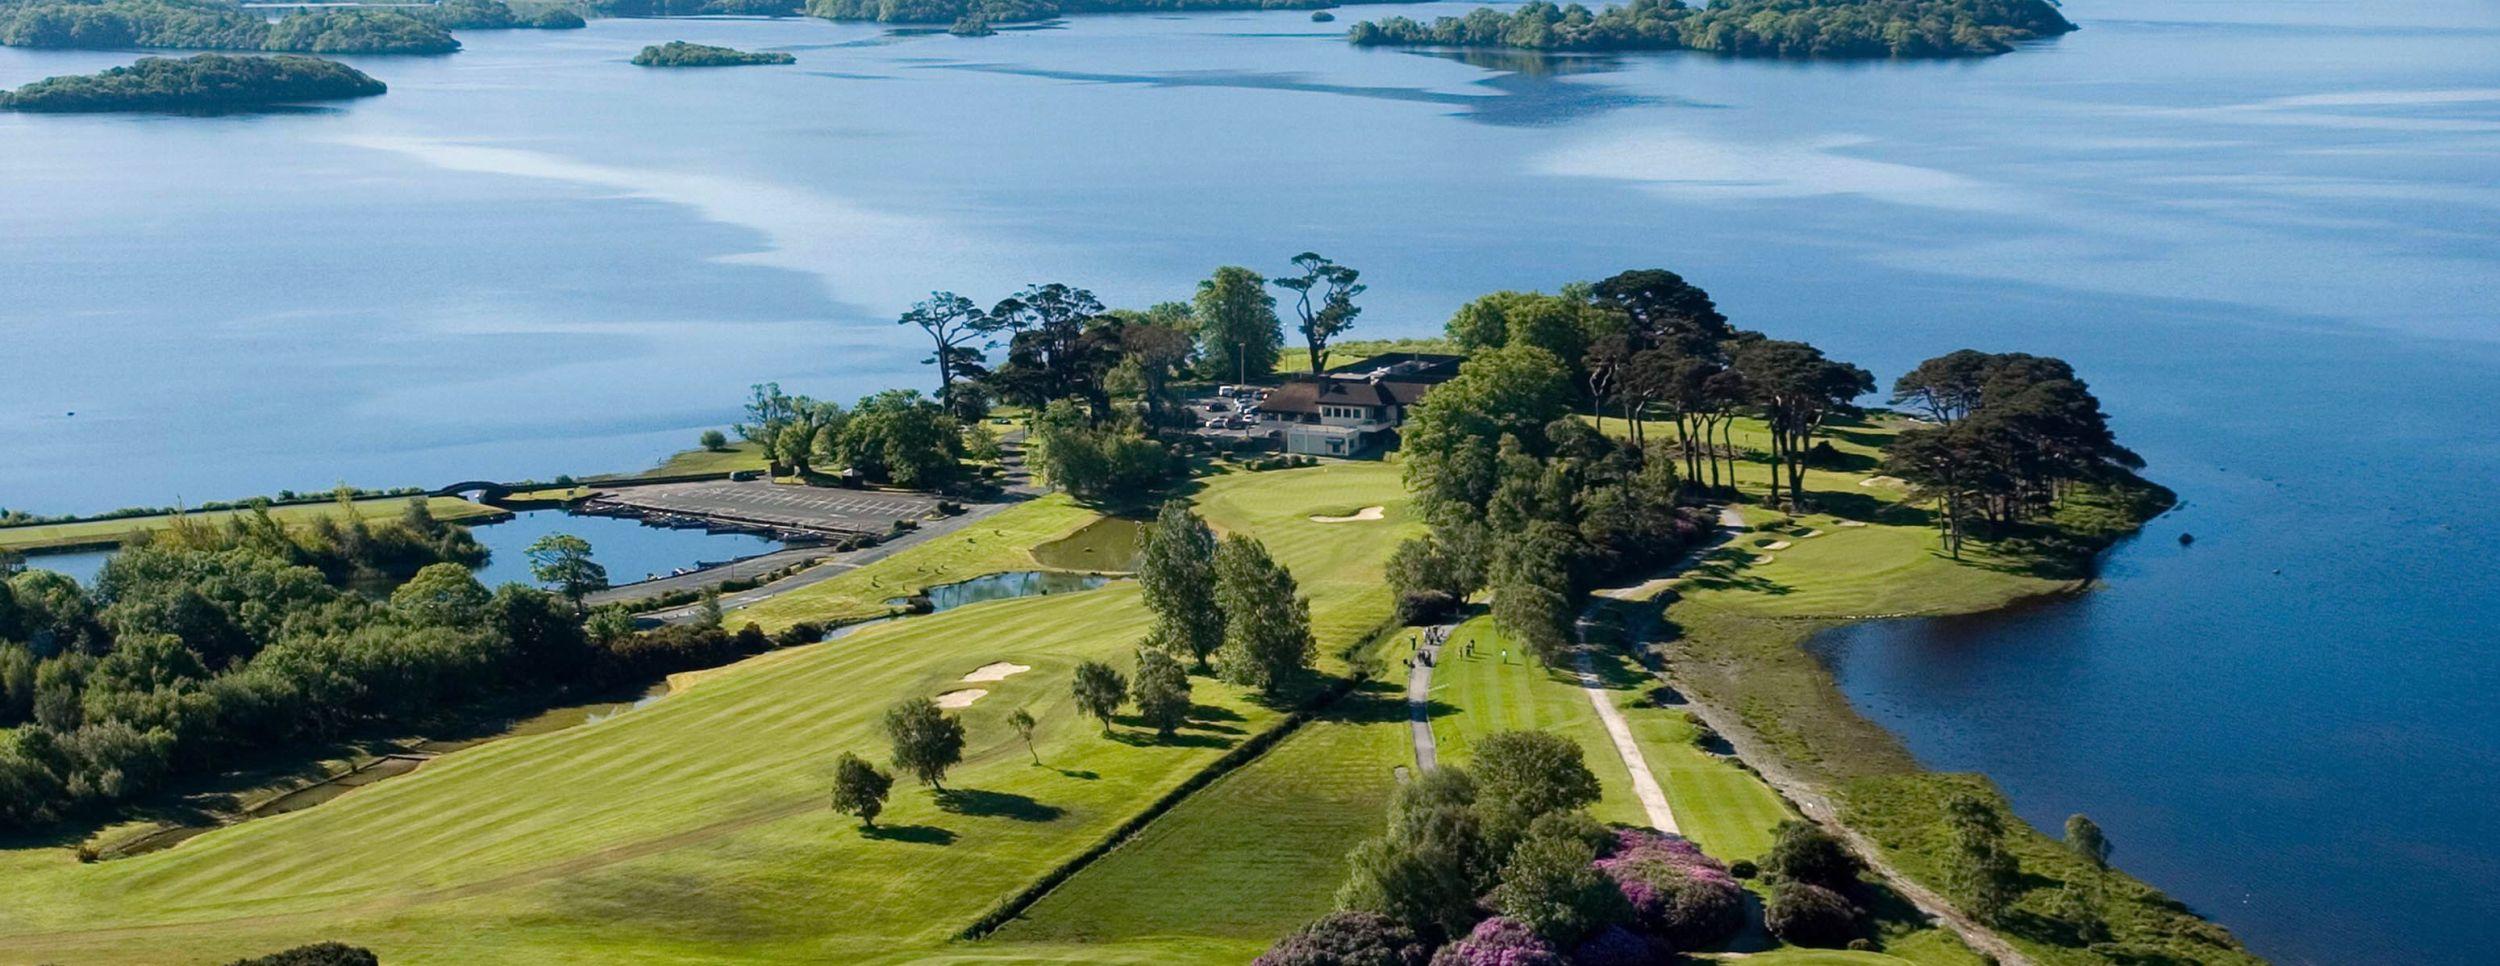 golf-expedition-golfreizen-ierland-heerlijk-golfen-mooiste-golfbanen